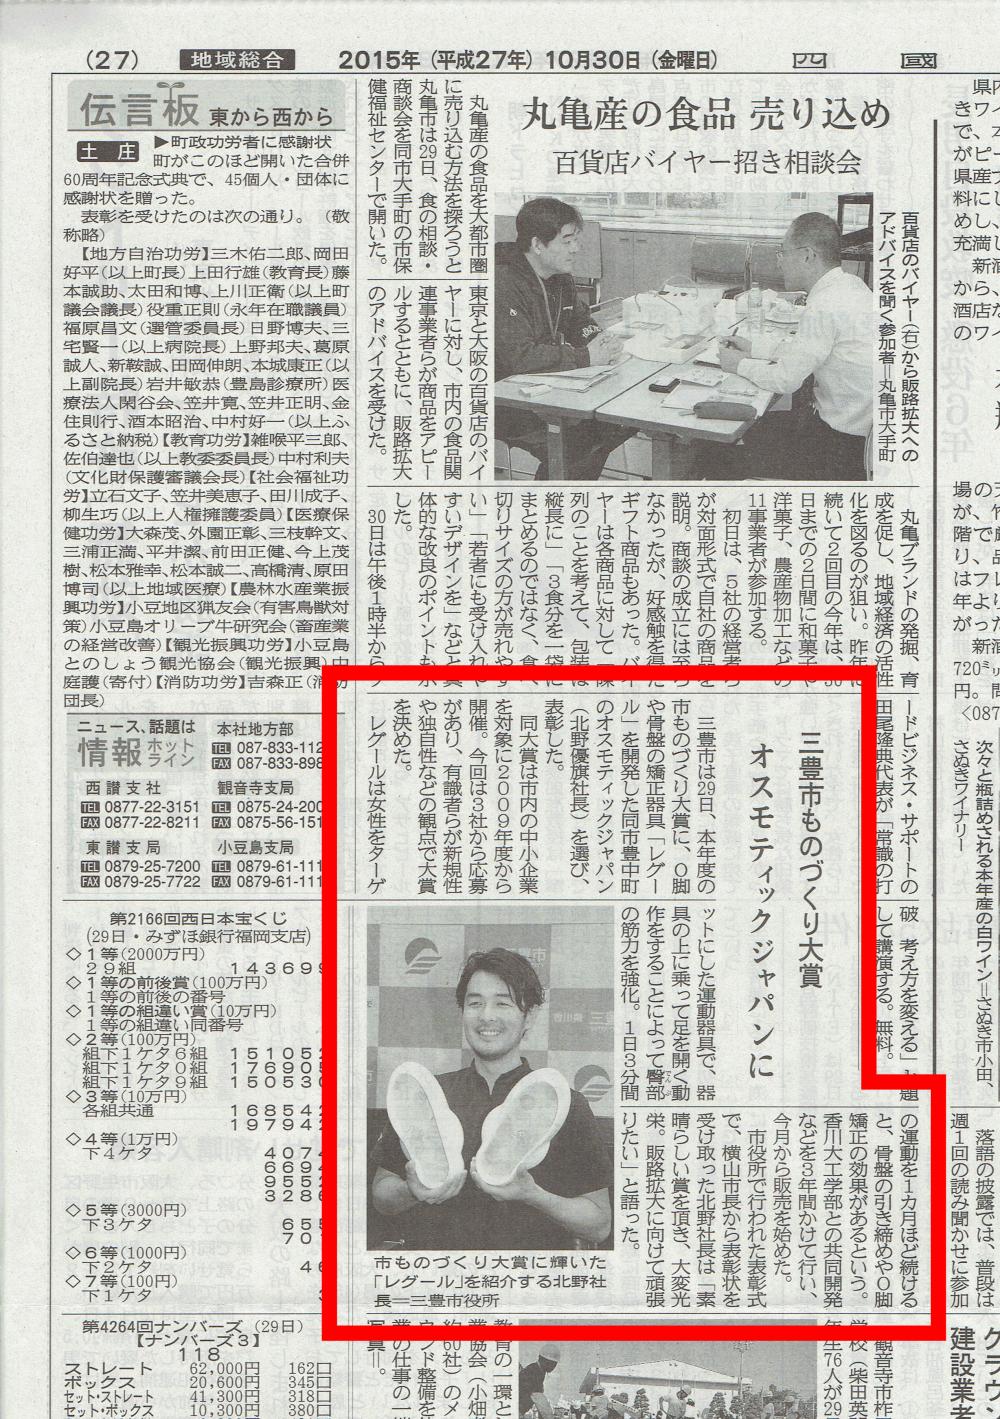 四国新聞 骨盤矯正とO脚矯正器具レグール 「三豊市ものづくり大賞受賞」